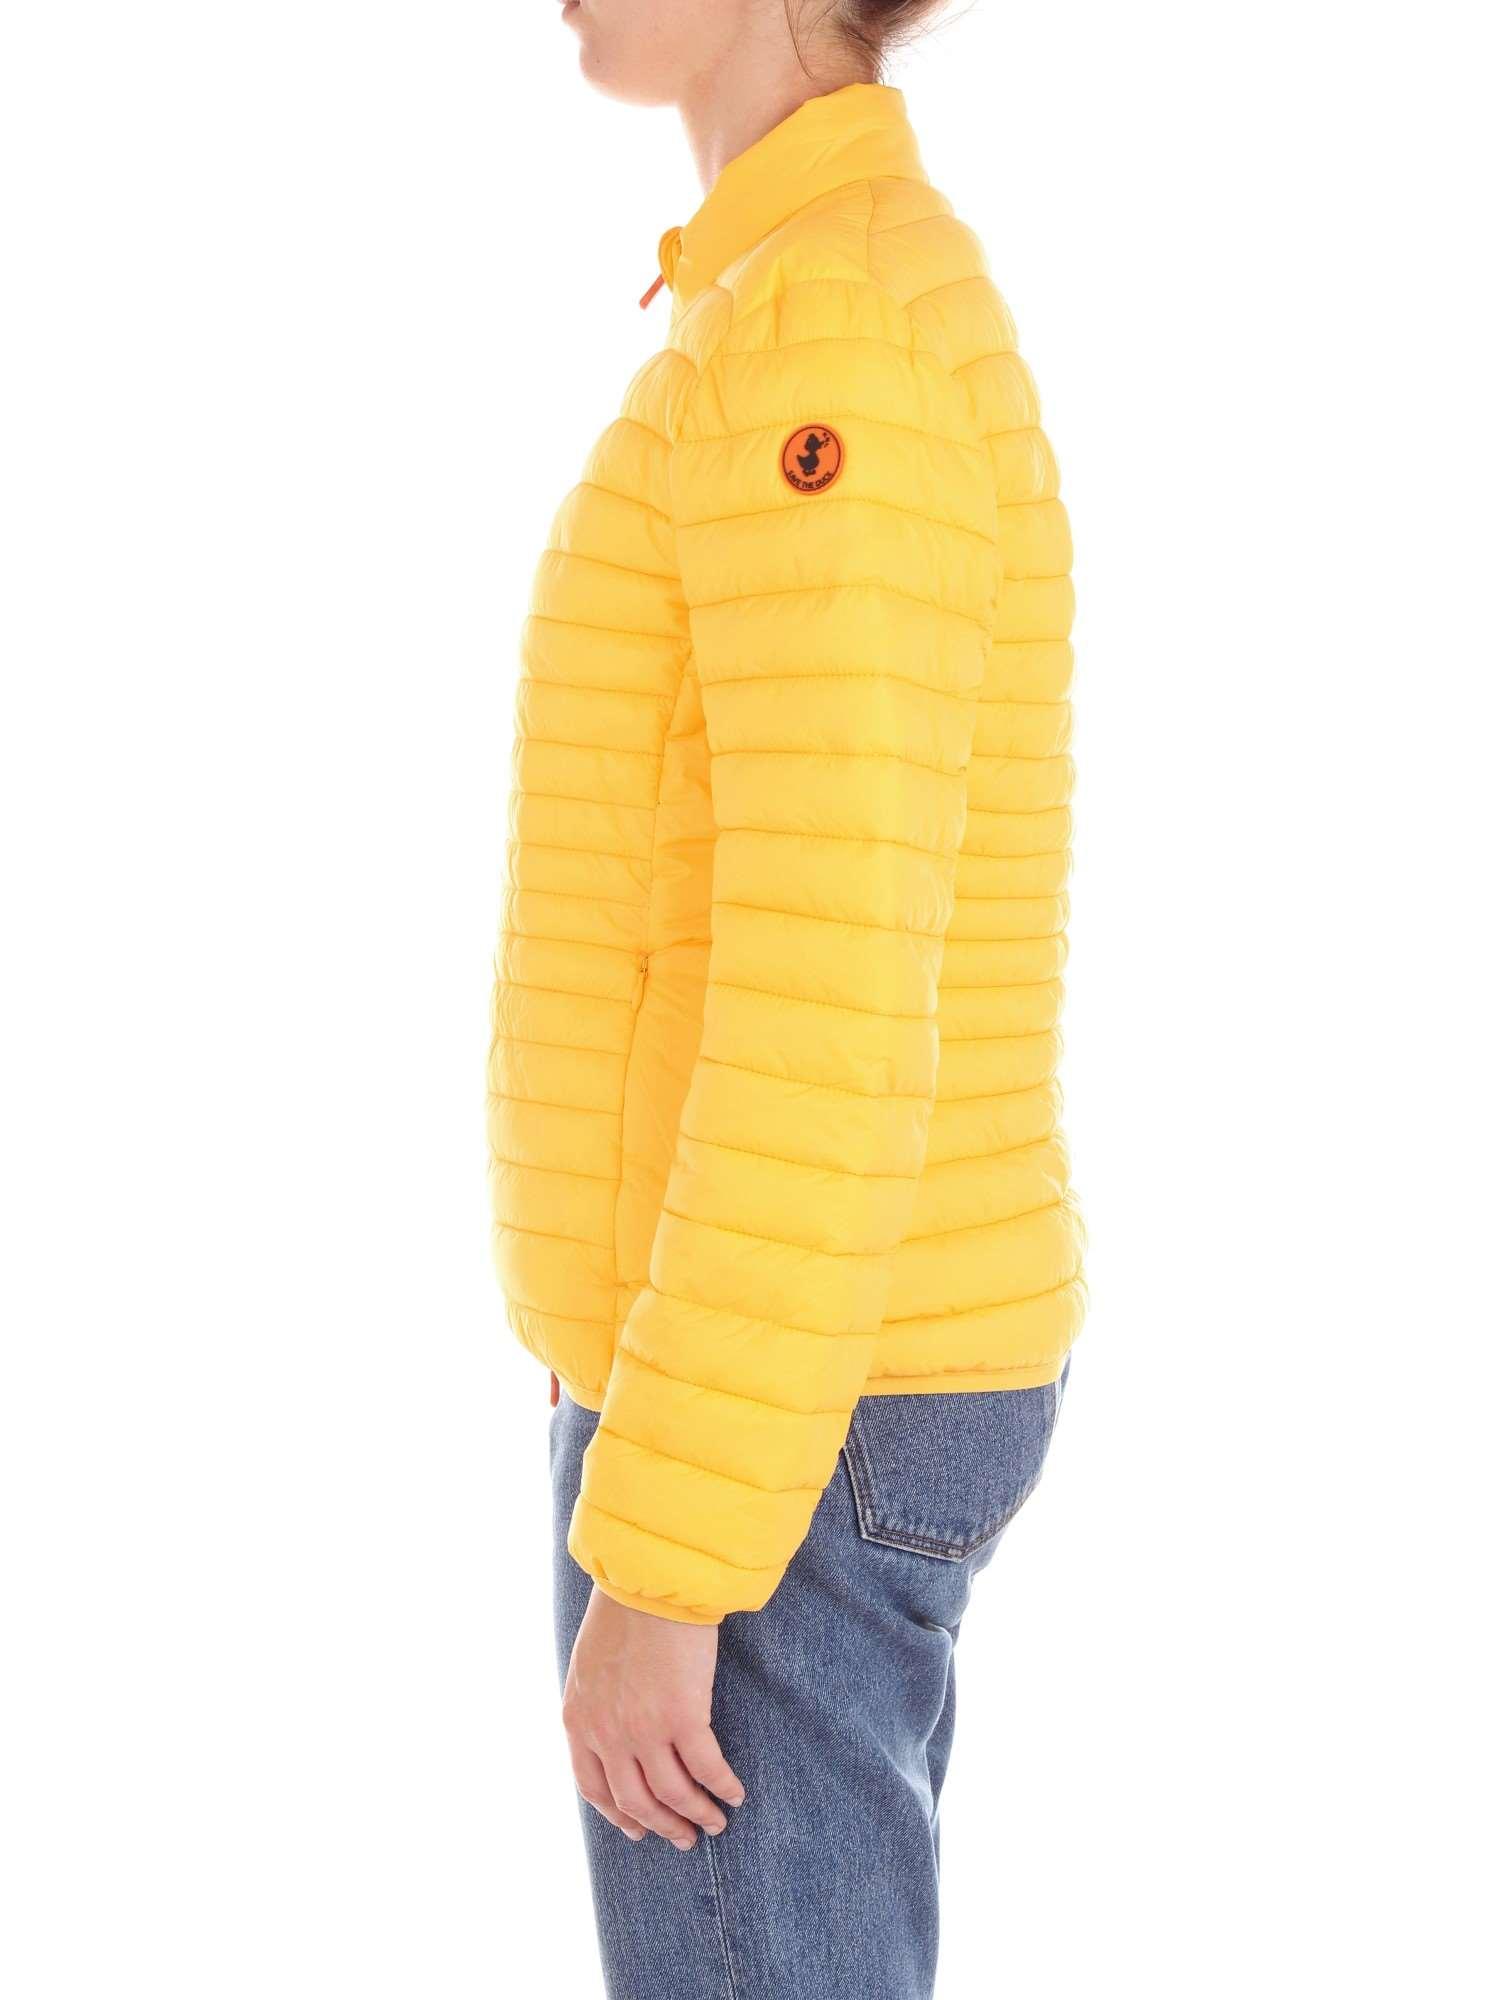 Save The Duck Women's Polyester Outerwear Jacket bis zu 70